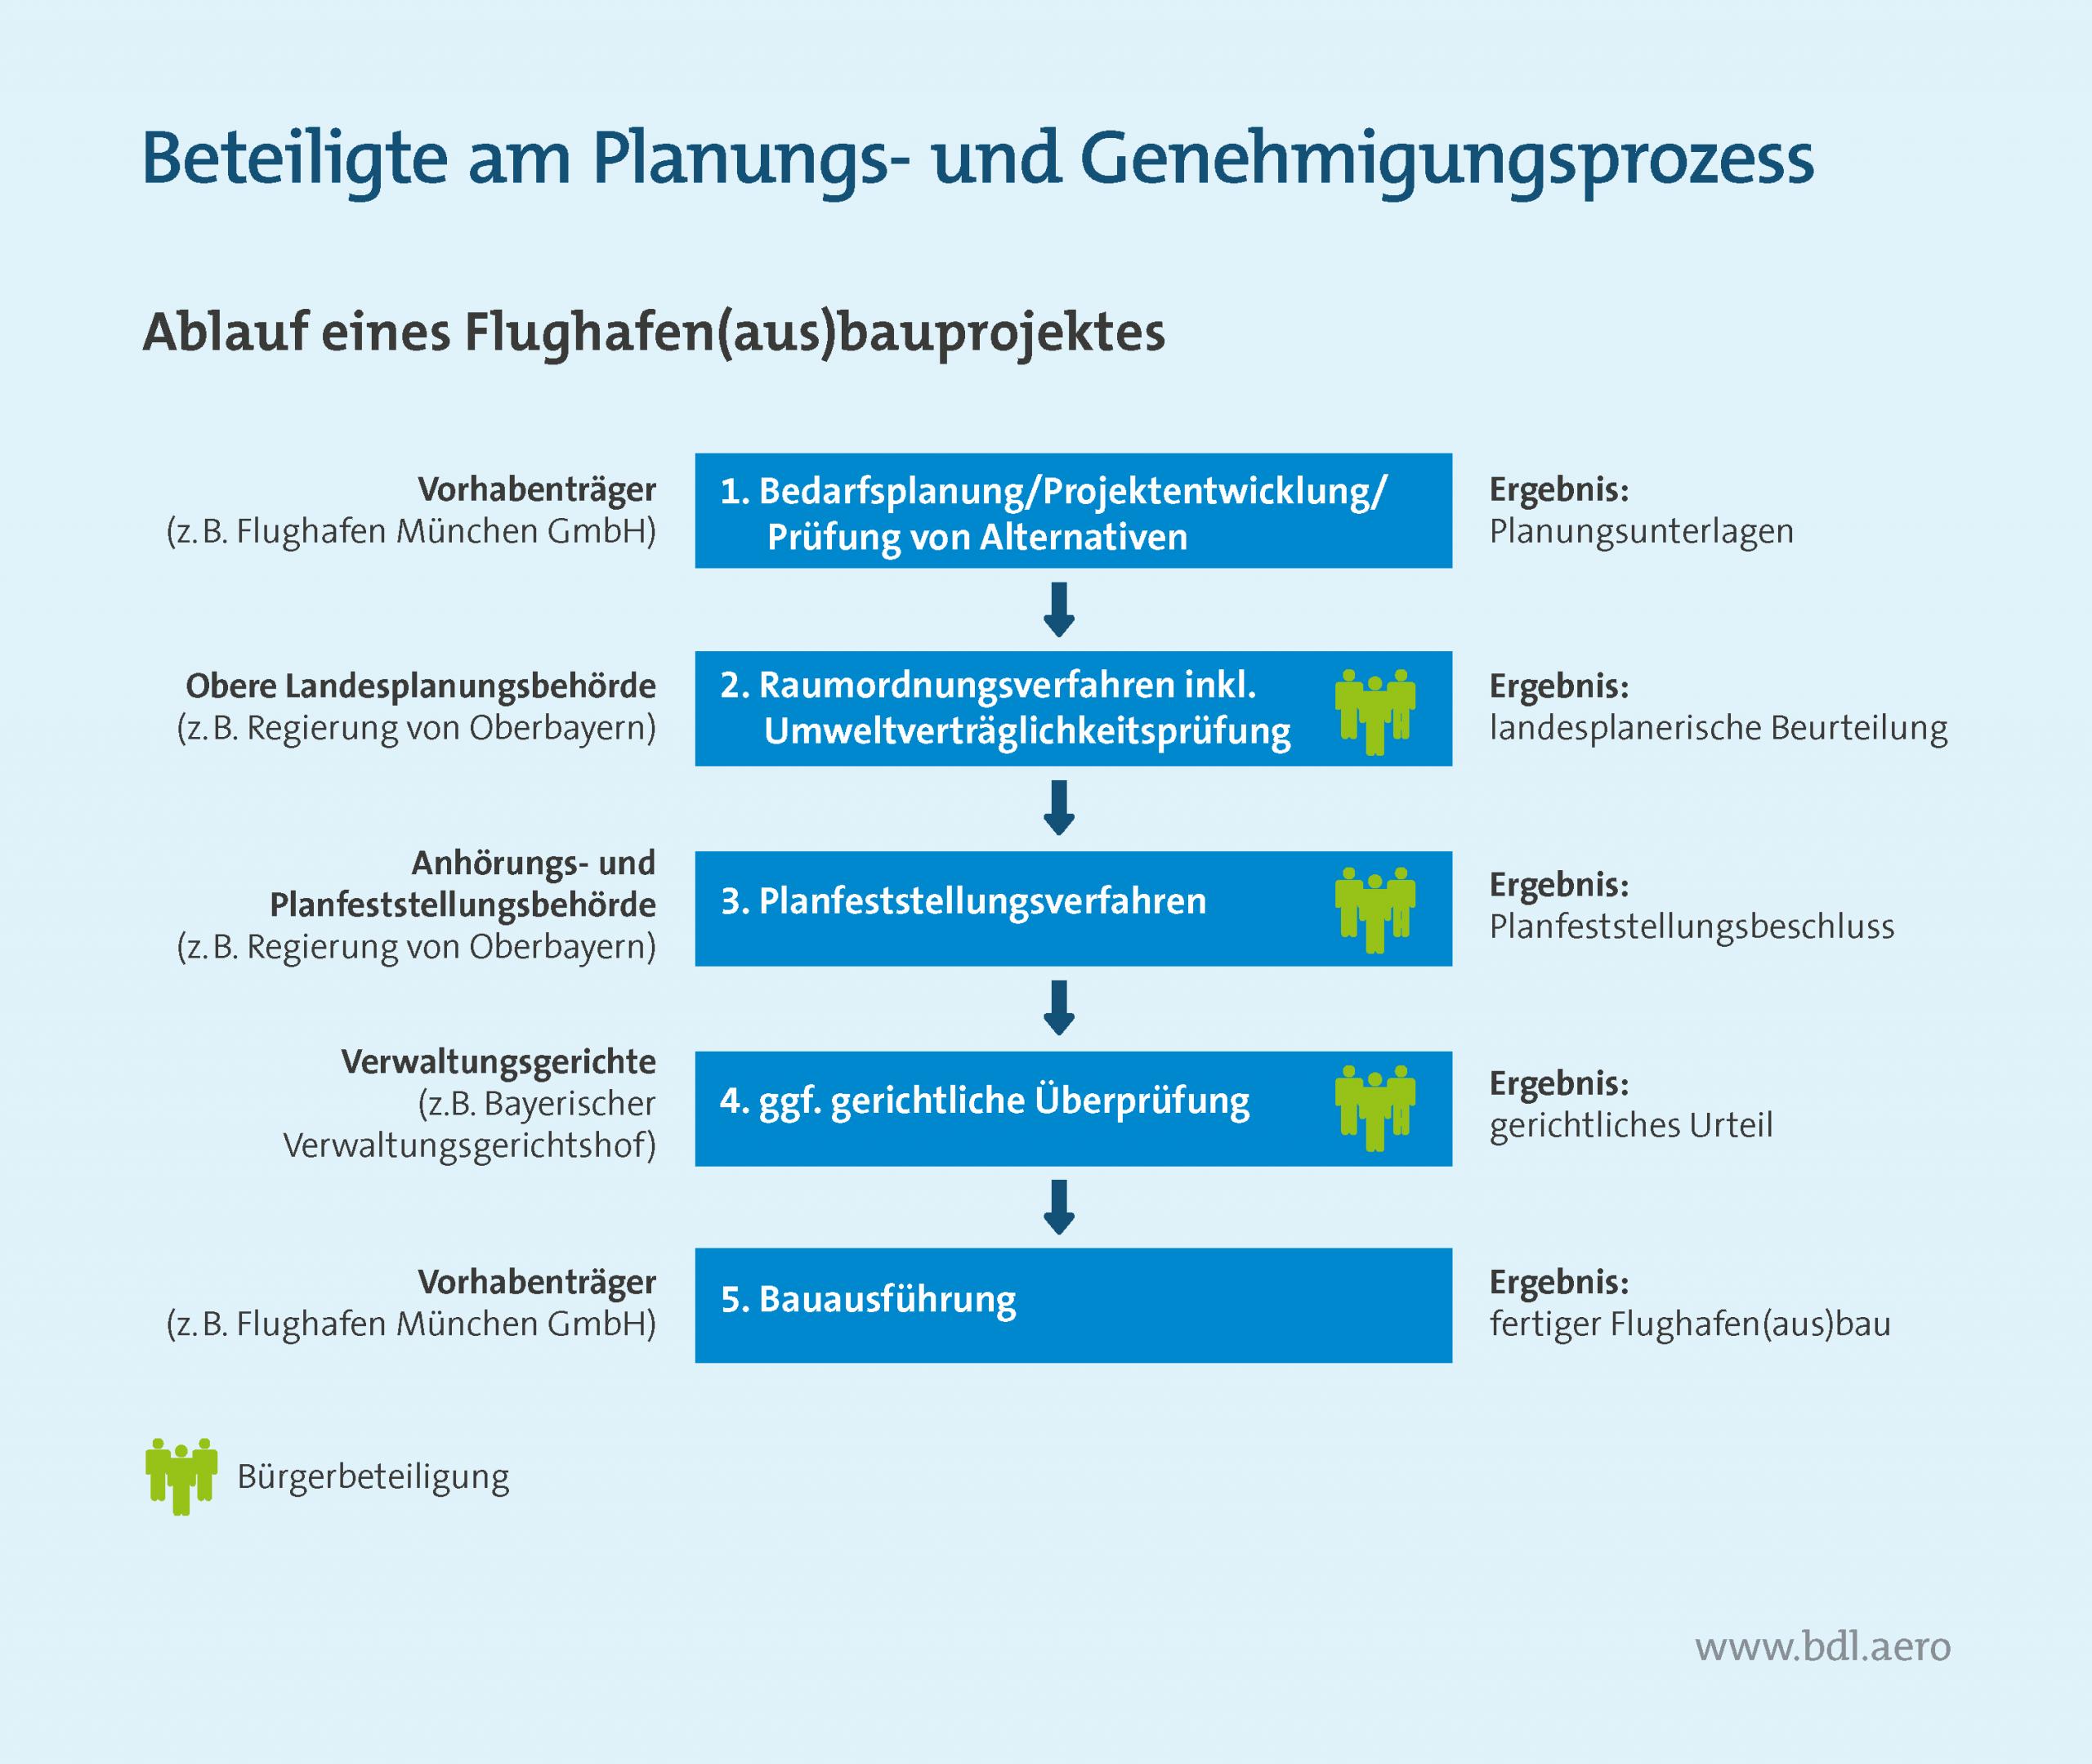 Bürgerbeteiligung Flughäfen: So laufen Planung- und Genehmigungsprozesse ab